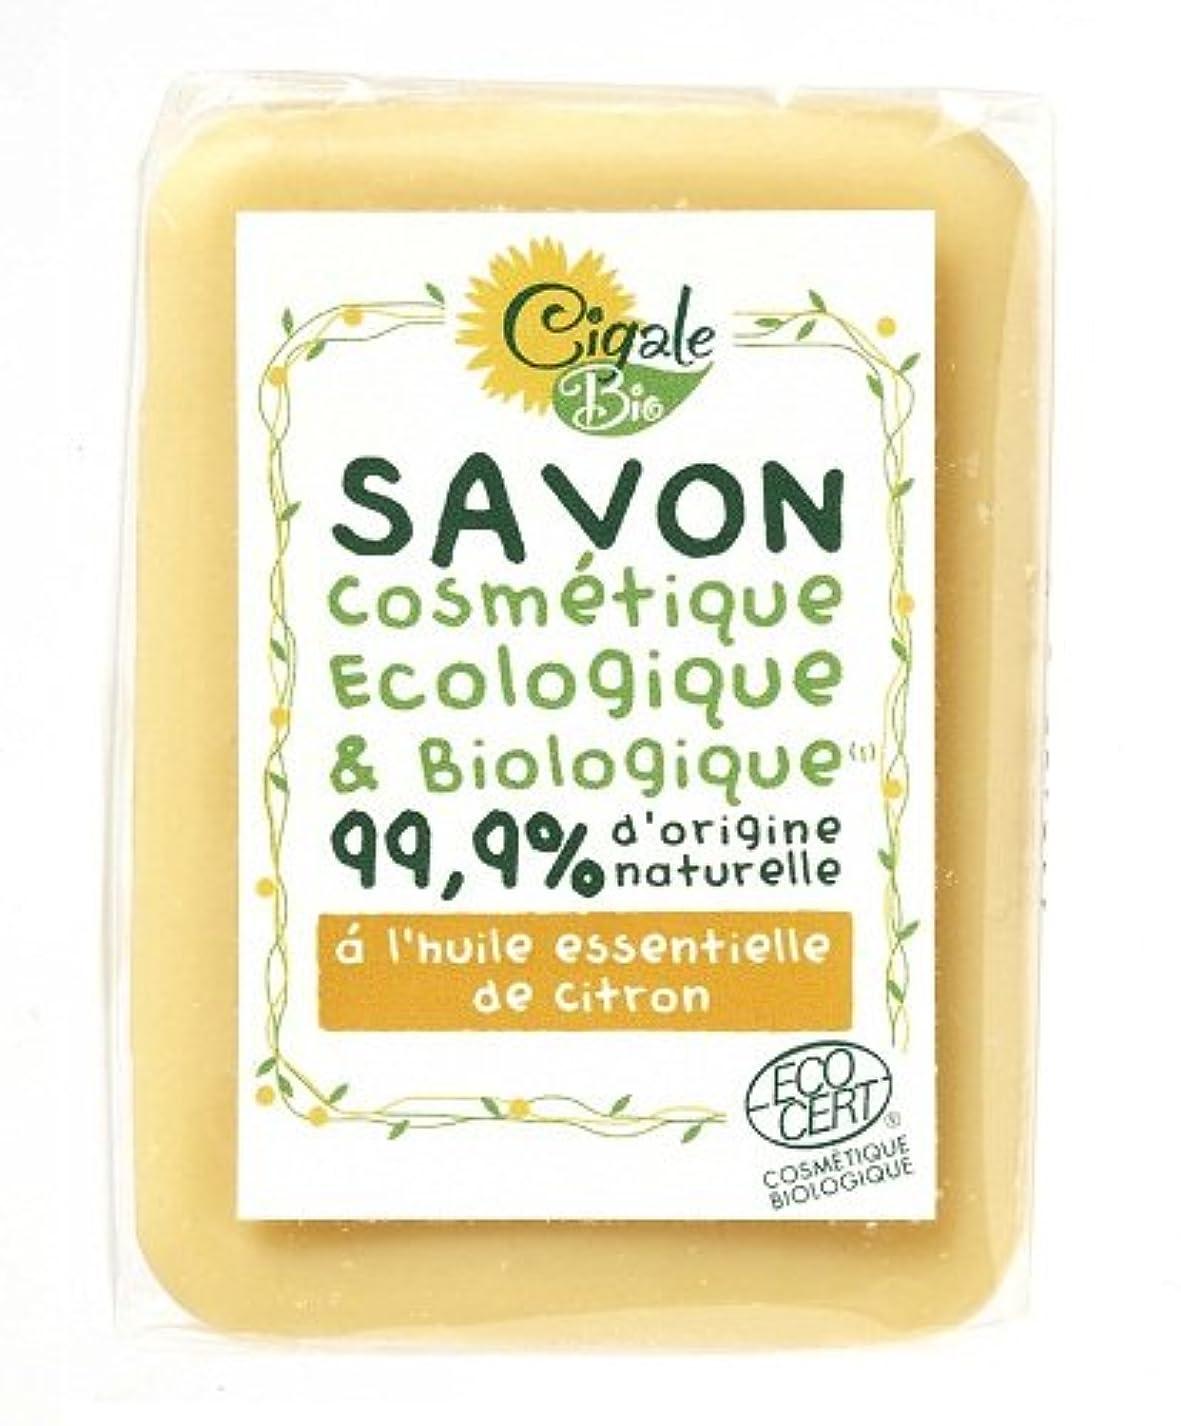 シロクマ場所媒染剤シガールビオ オーガニックソープ レモン